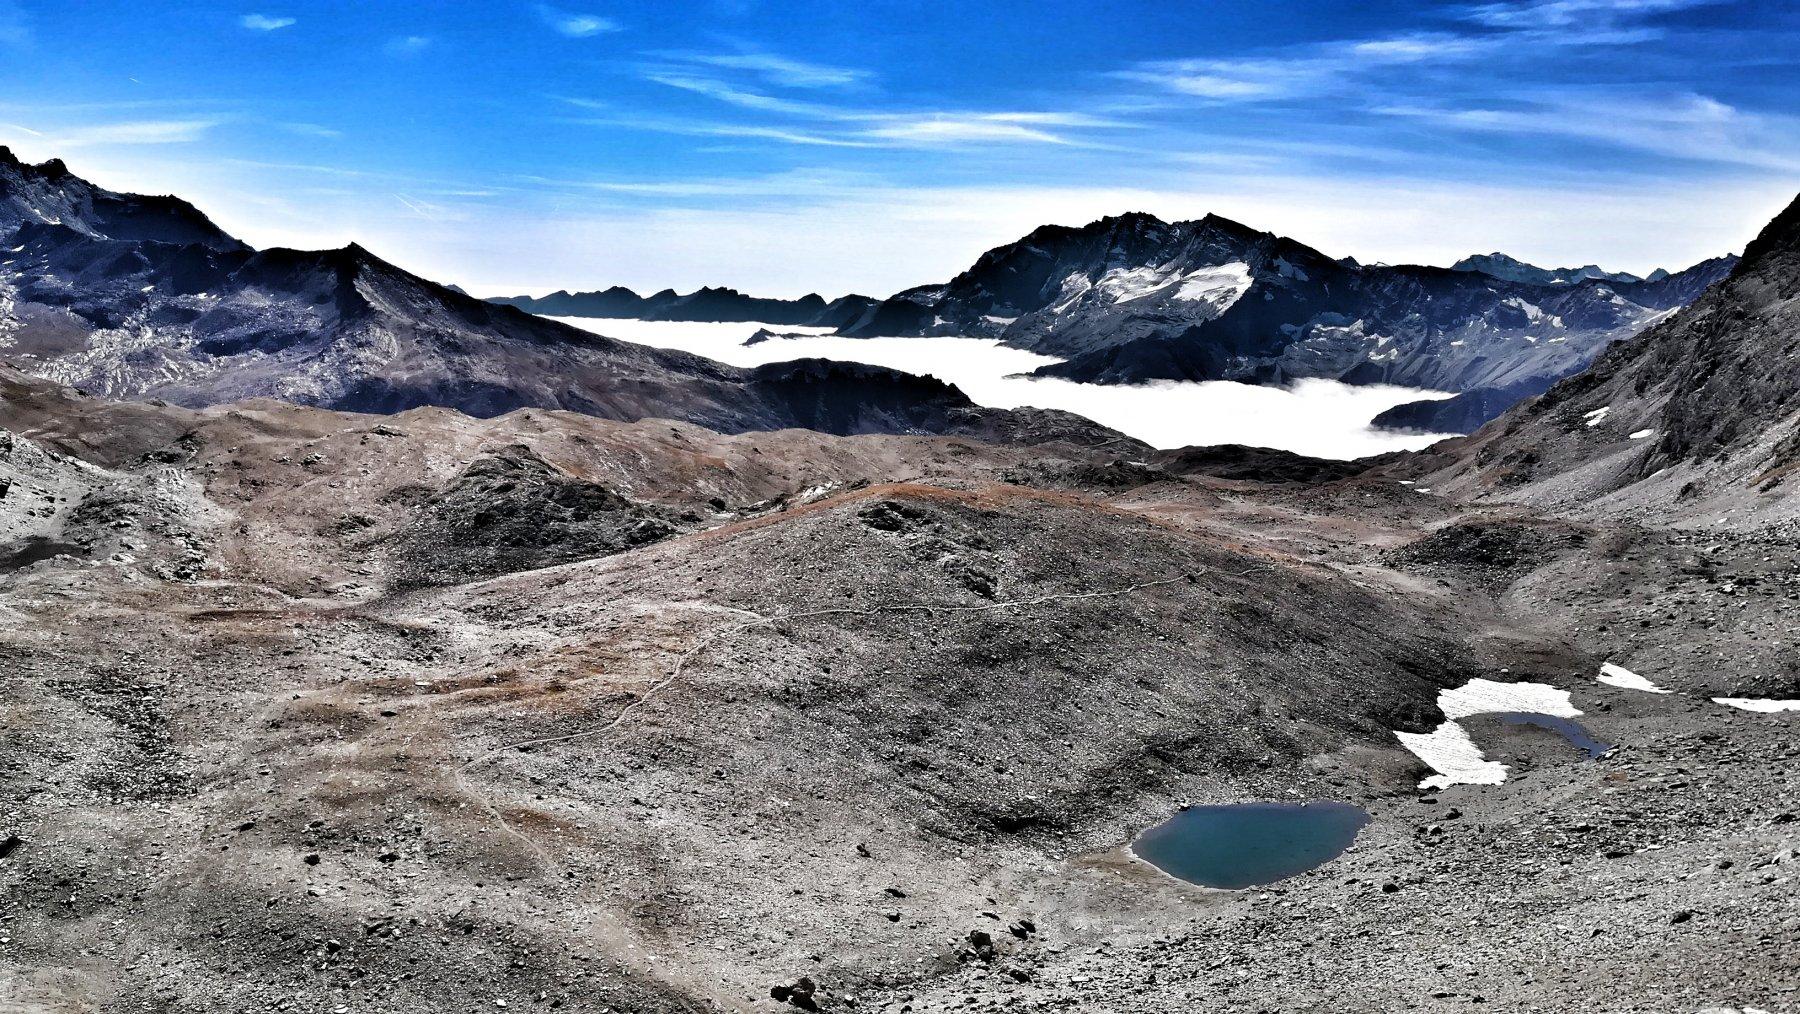 Vista dal colle sul bel sentiero che attraversa i laghi Chavaney